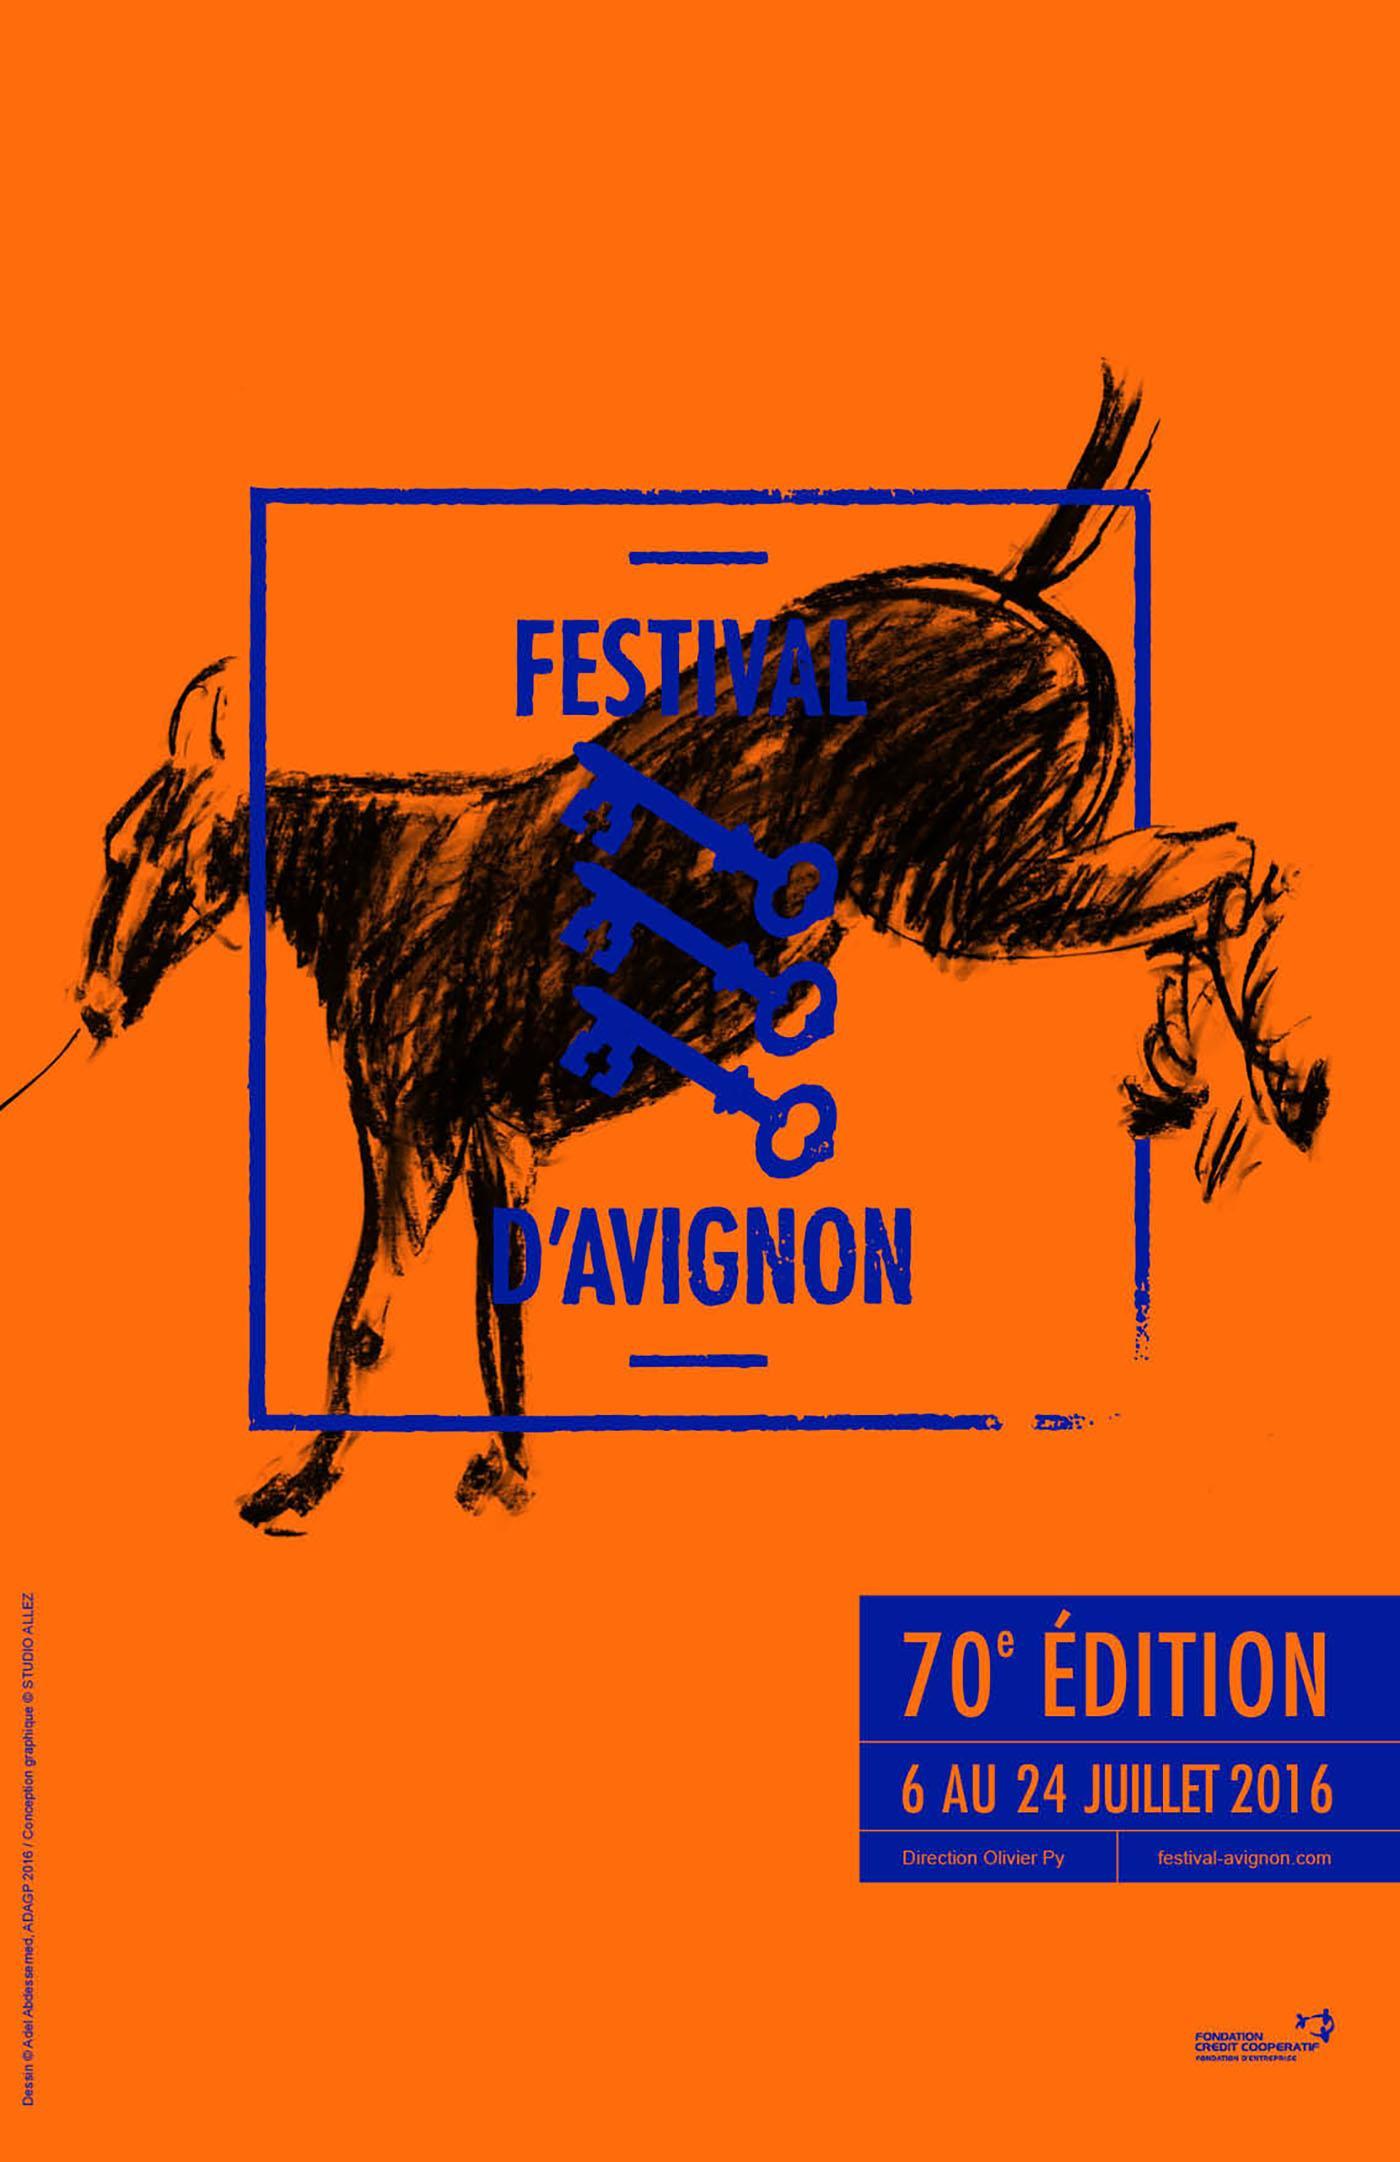 festival avignon in fnac